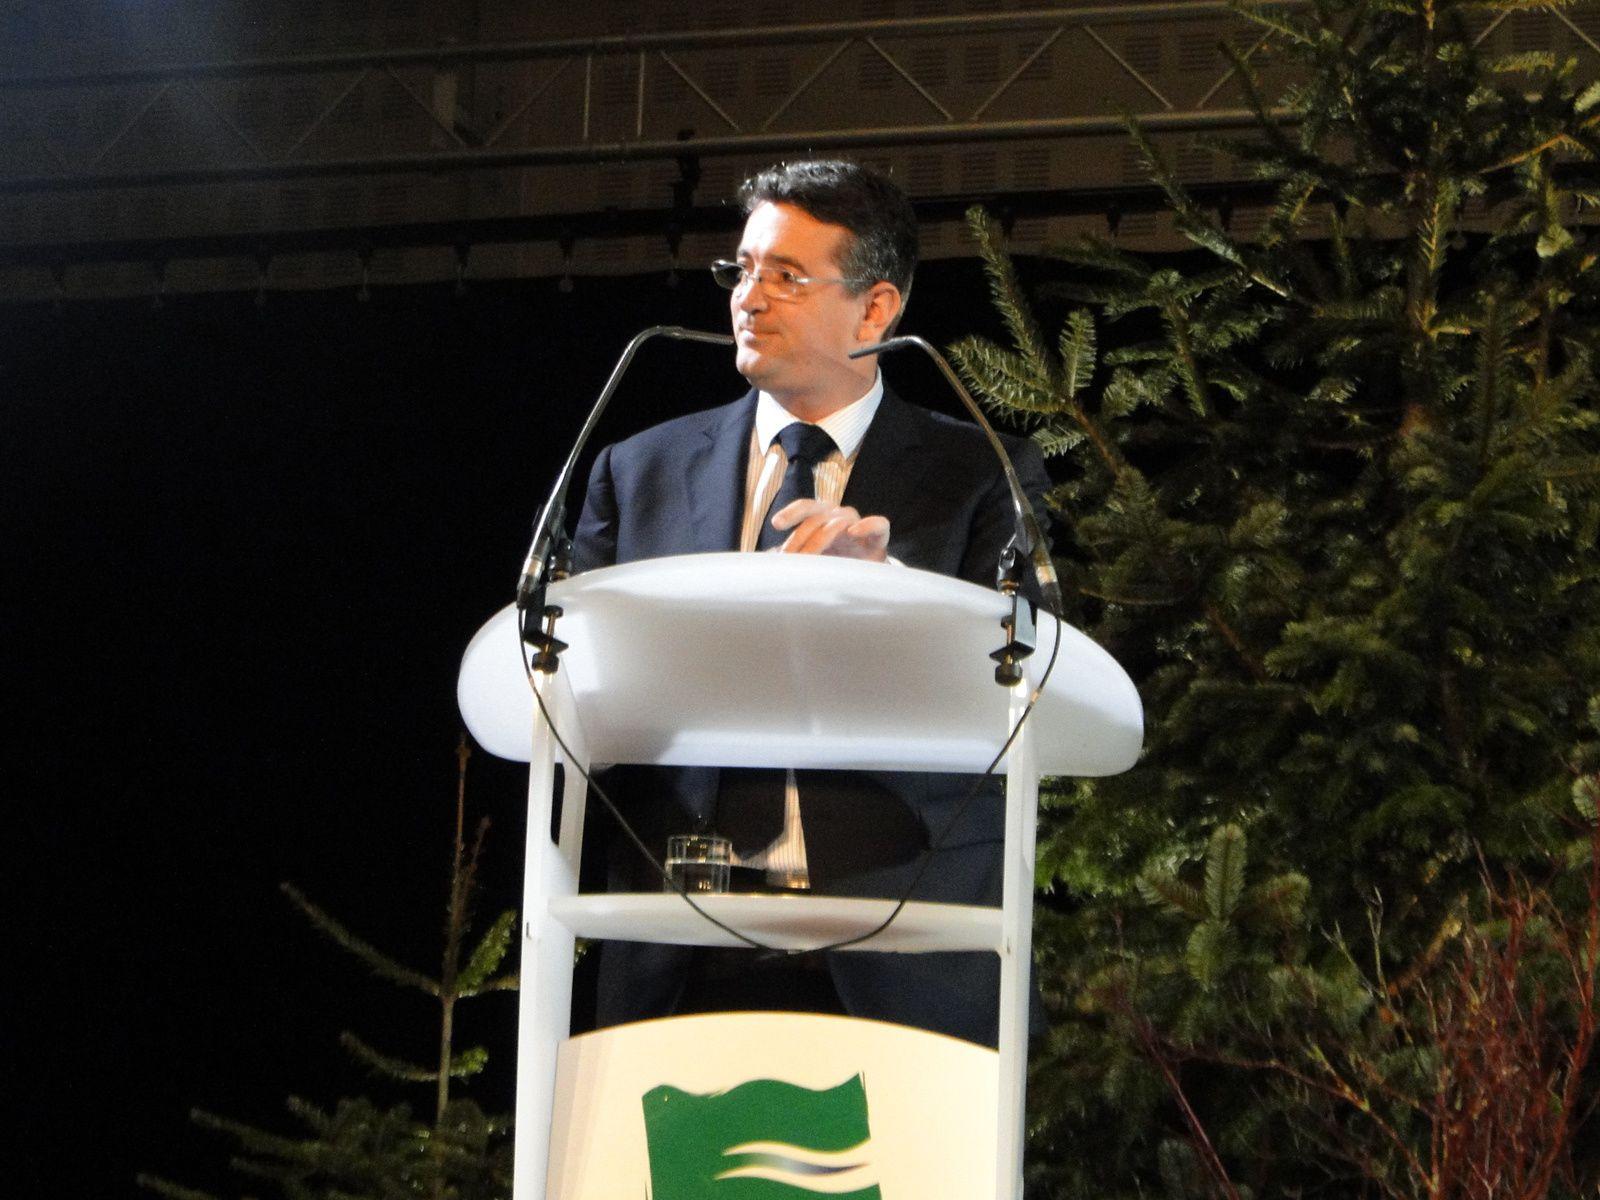 Didier GALLOT sera le maire pressenti aprés le prochain conseil municipal aux Sables d'Olonne, comme Joël MERCIER à Château d'Olonne et Yannick MOREAU réélu lors du dernier conseil municipal à Olonne sur Mer